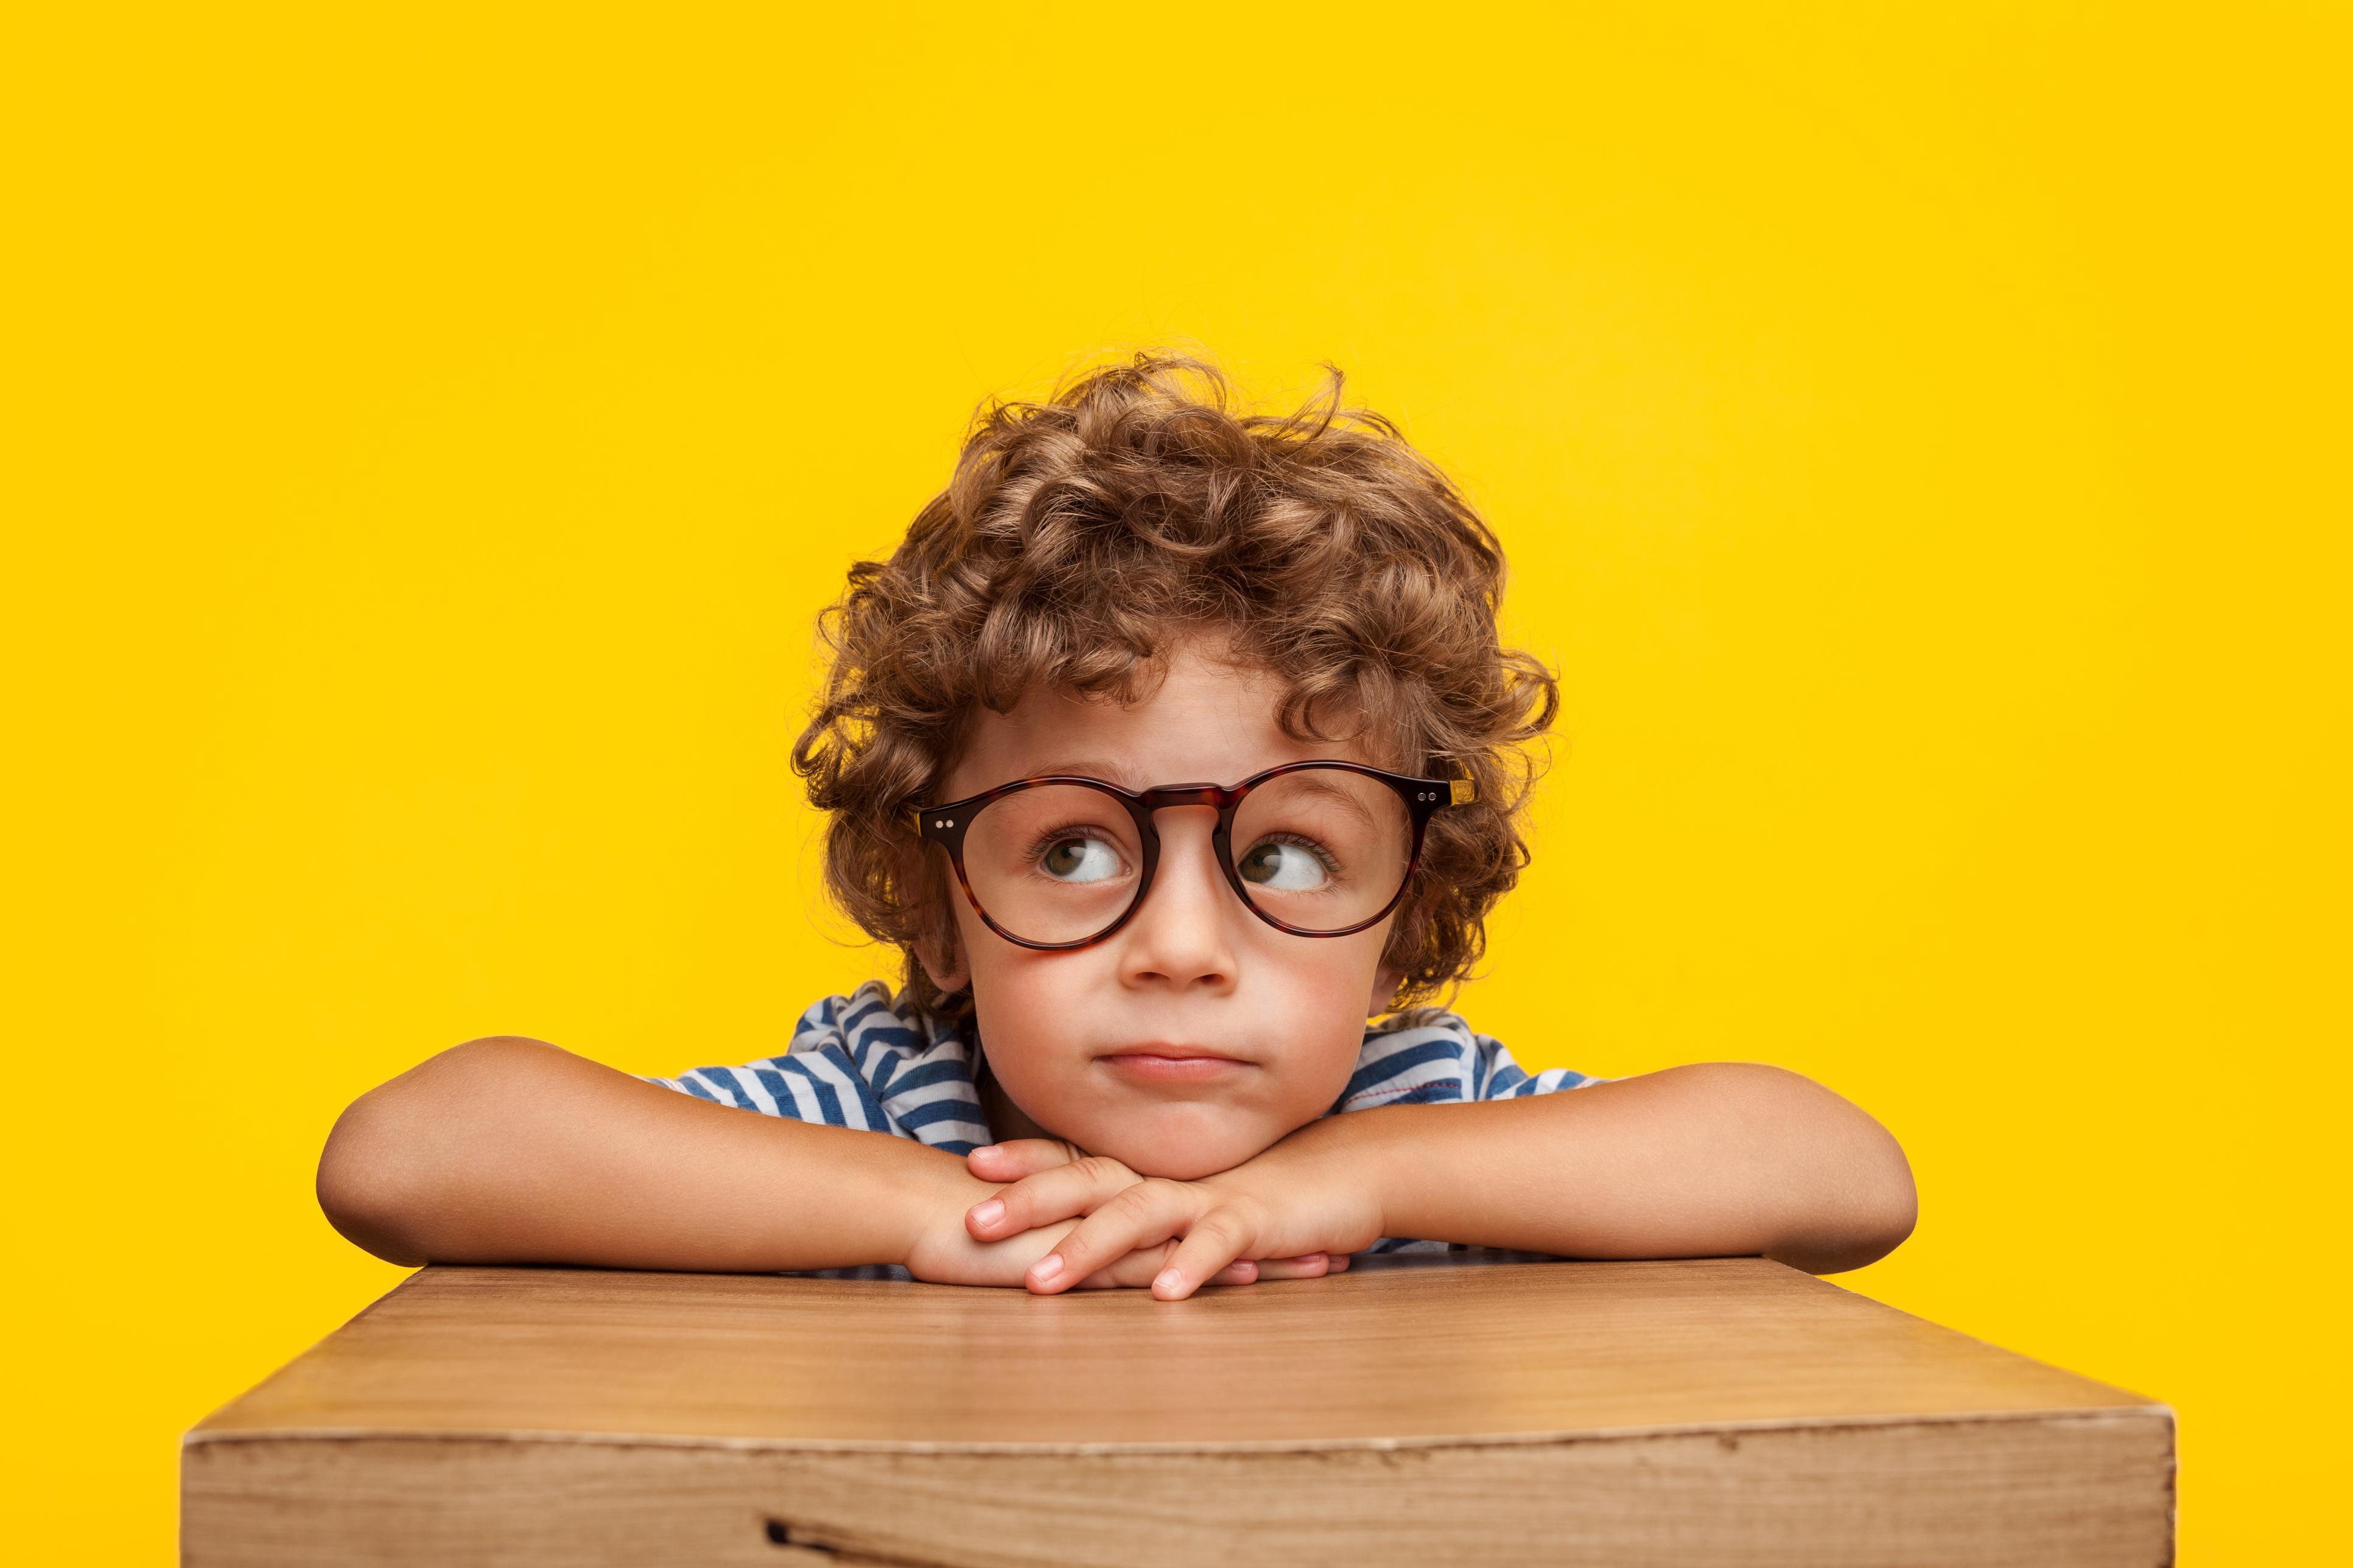 Як допомогти дитині звикнути до нових окулярів: 6 порад для батьків